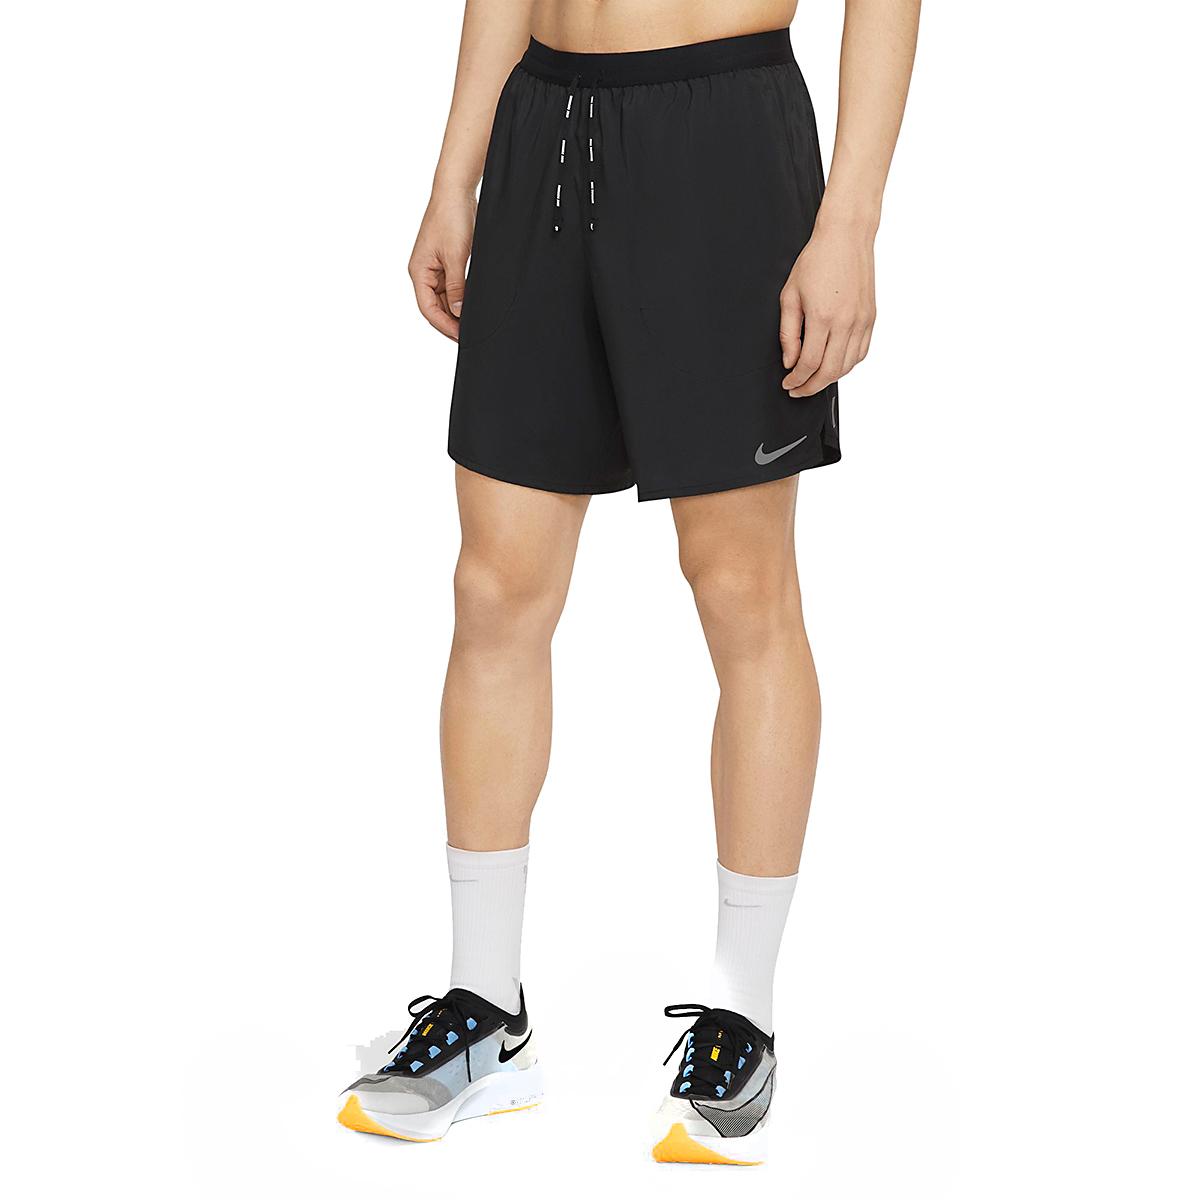 """Men's Nike Flex Stride 7"""" Brief Running Shorts - Color: Black - Size: S, Black, large, image 1"""